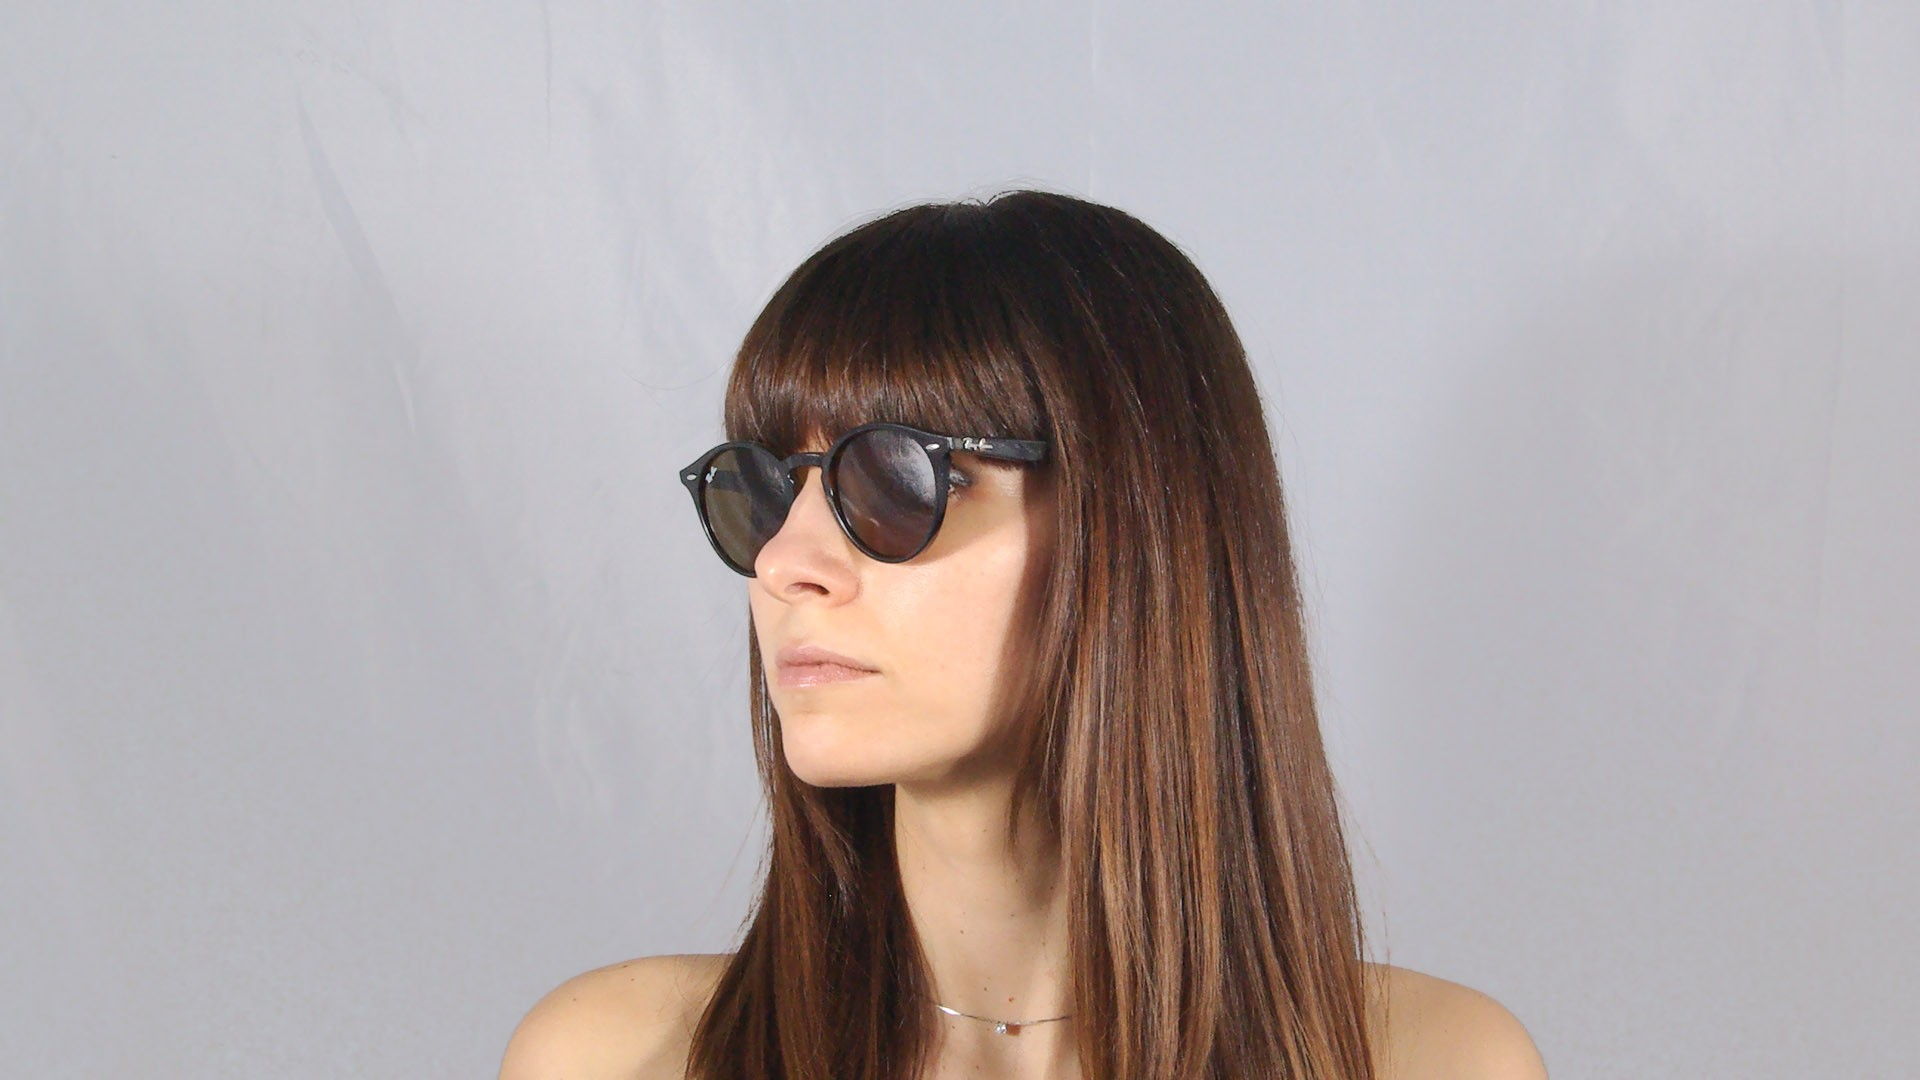 af923f7400a107 Sunglasses Ray-Ban RB2180 710 73 49-21 Tortoise Medium